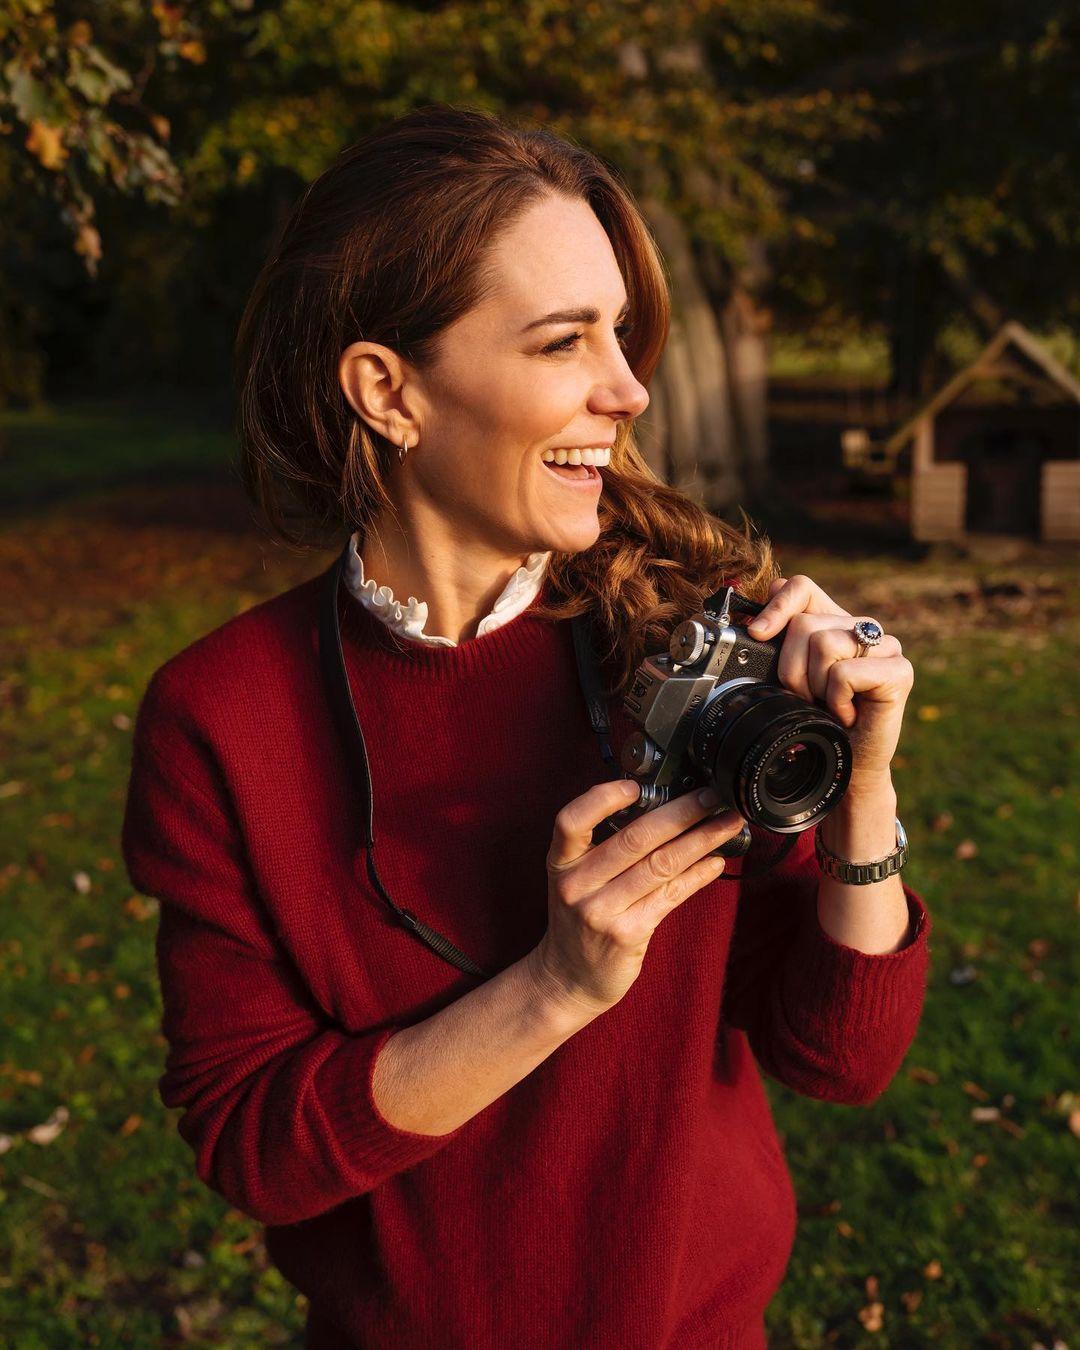 Кейт Міддлтон випустила фотокнигу про пандемію у Великобританії